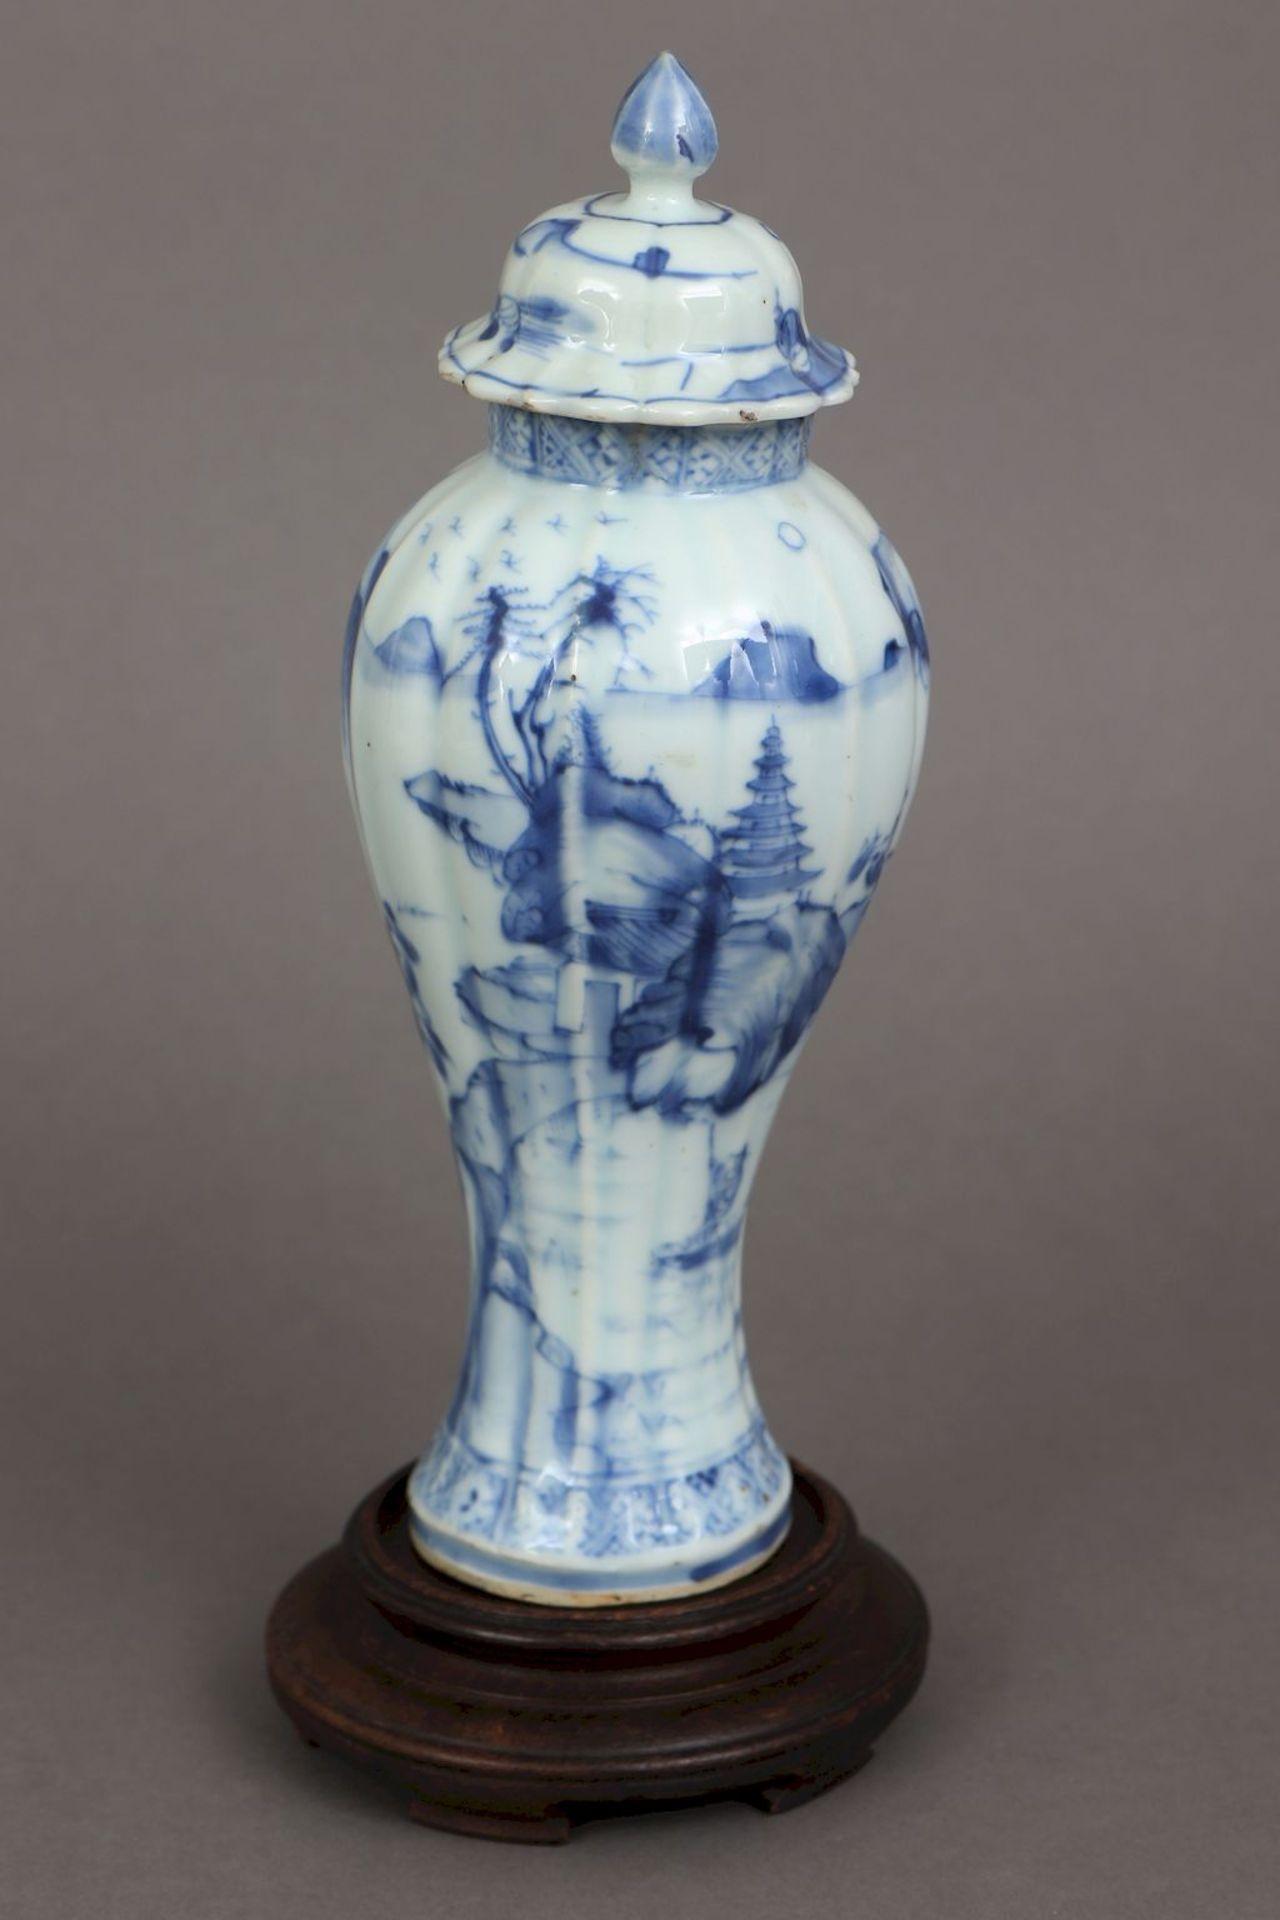 Chinesisches Vasengefäß mit Blaumalerei - Bild 2 aus 5